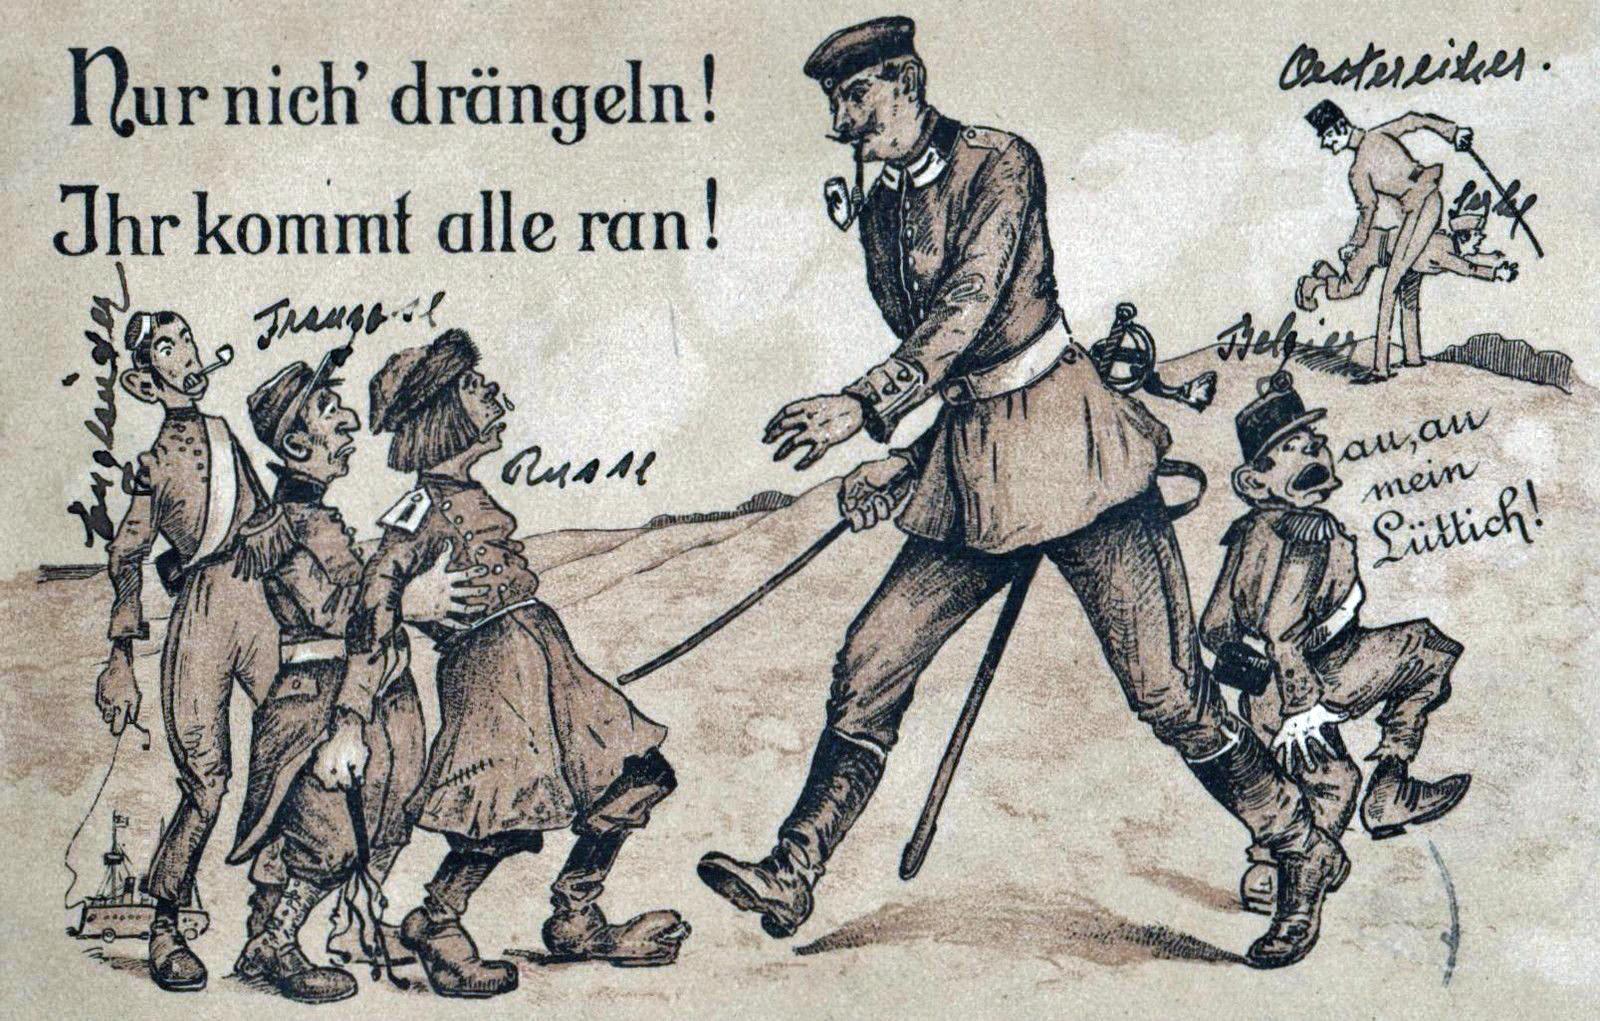 Nur Nicht Draengeln! Ihr kommt Alle dran! 1914 Postkarte nach der Tannenberg-Schlacht im August 1914